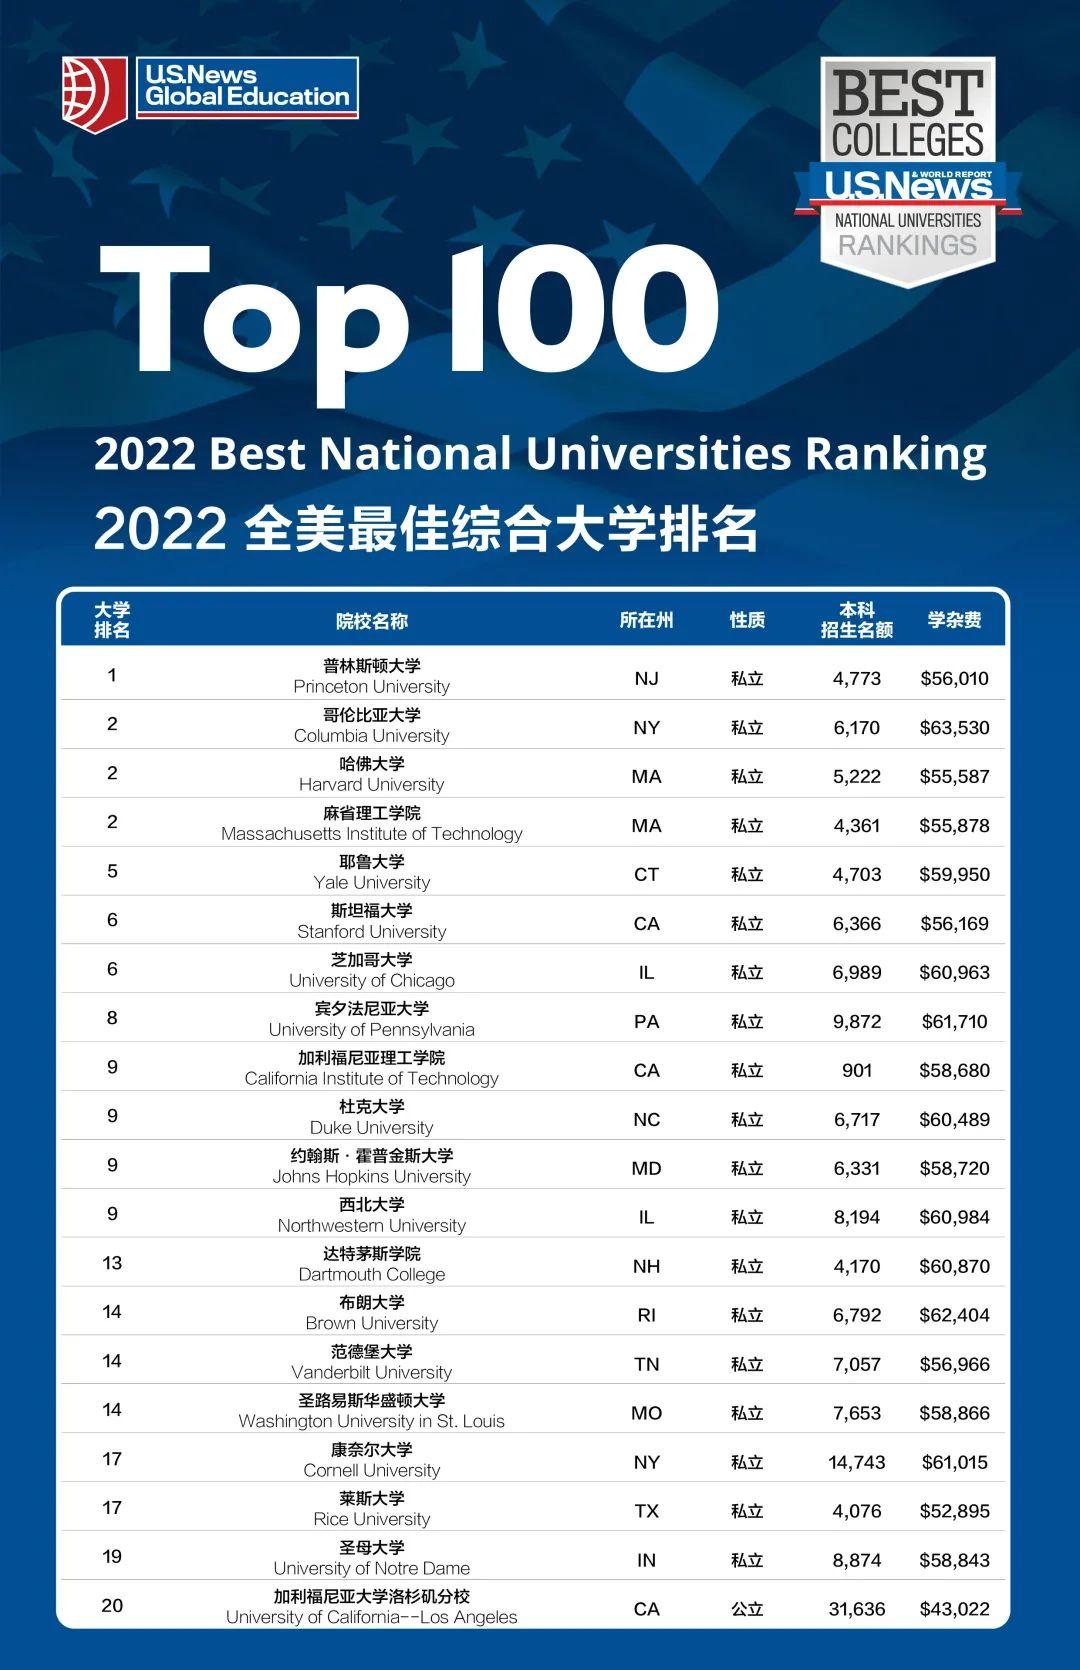 它来了!US News发布2022全美最佳大学排名,哥大哈佛并列!